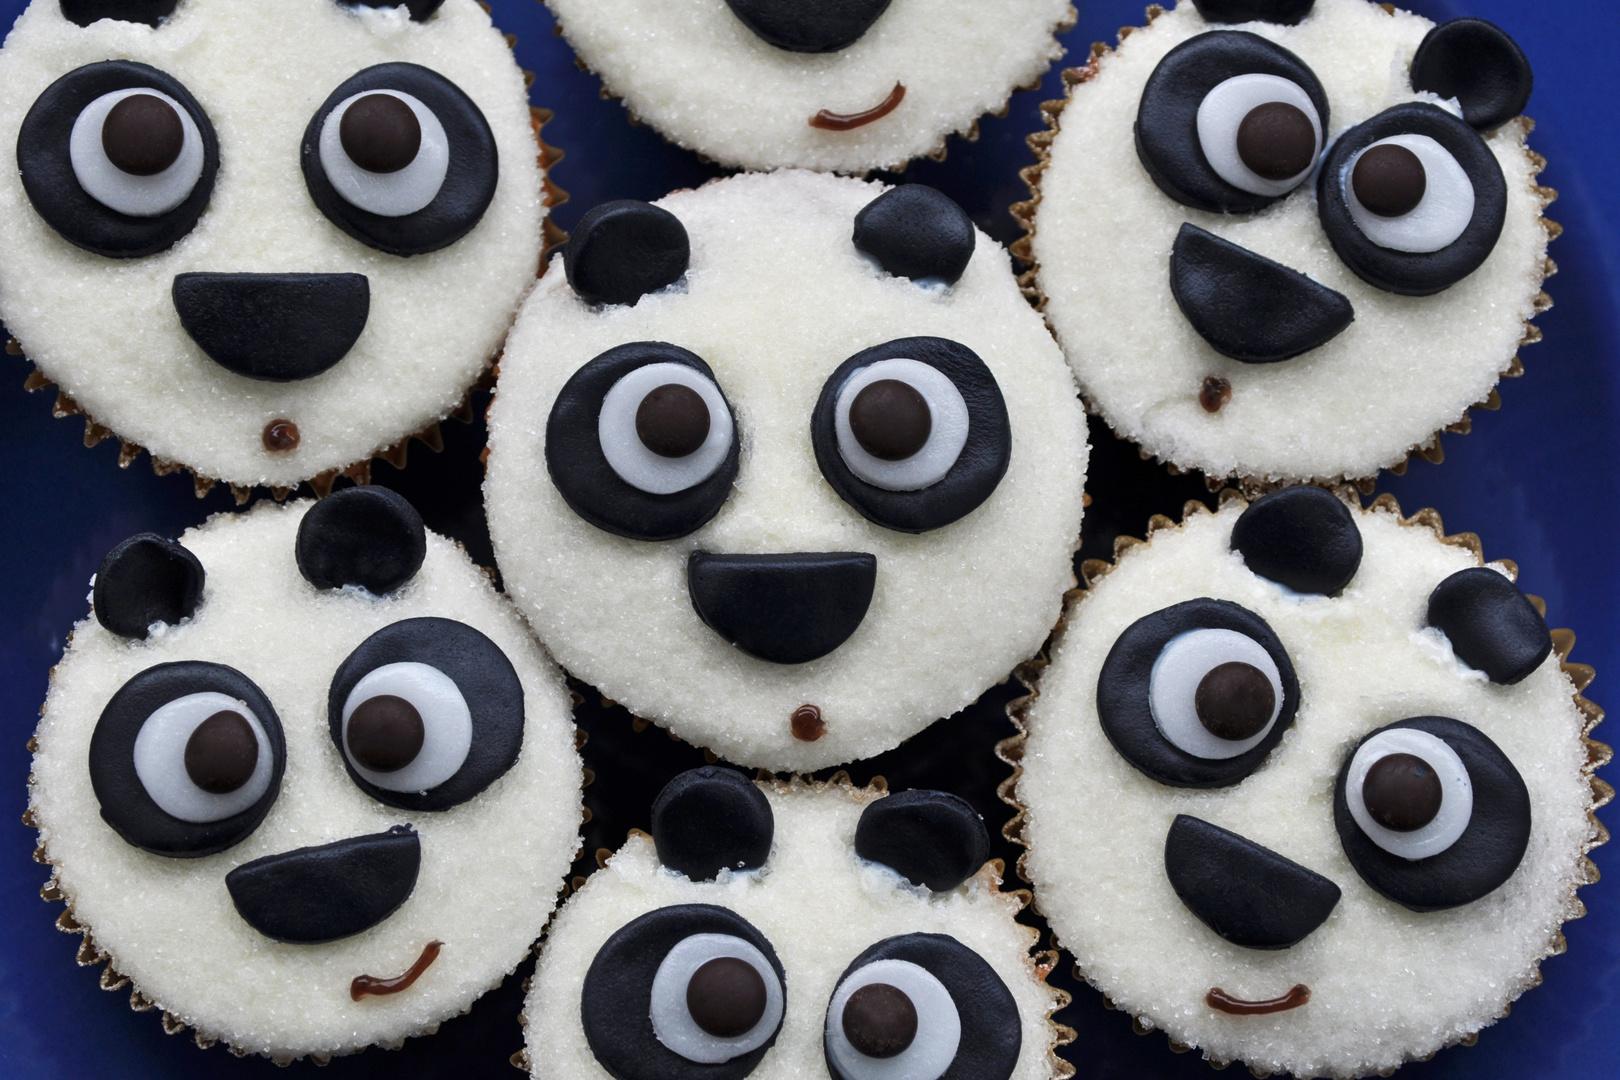 panda cupcakes foto bild stillleben essen trinken geb ck bilder auf fotocommunity. Black Bedroom Furniture Sets. Home Design Ideas